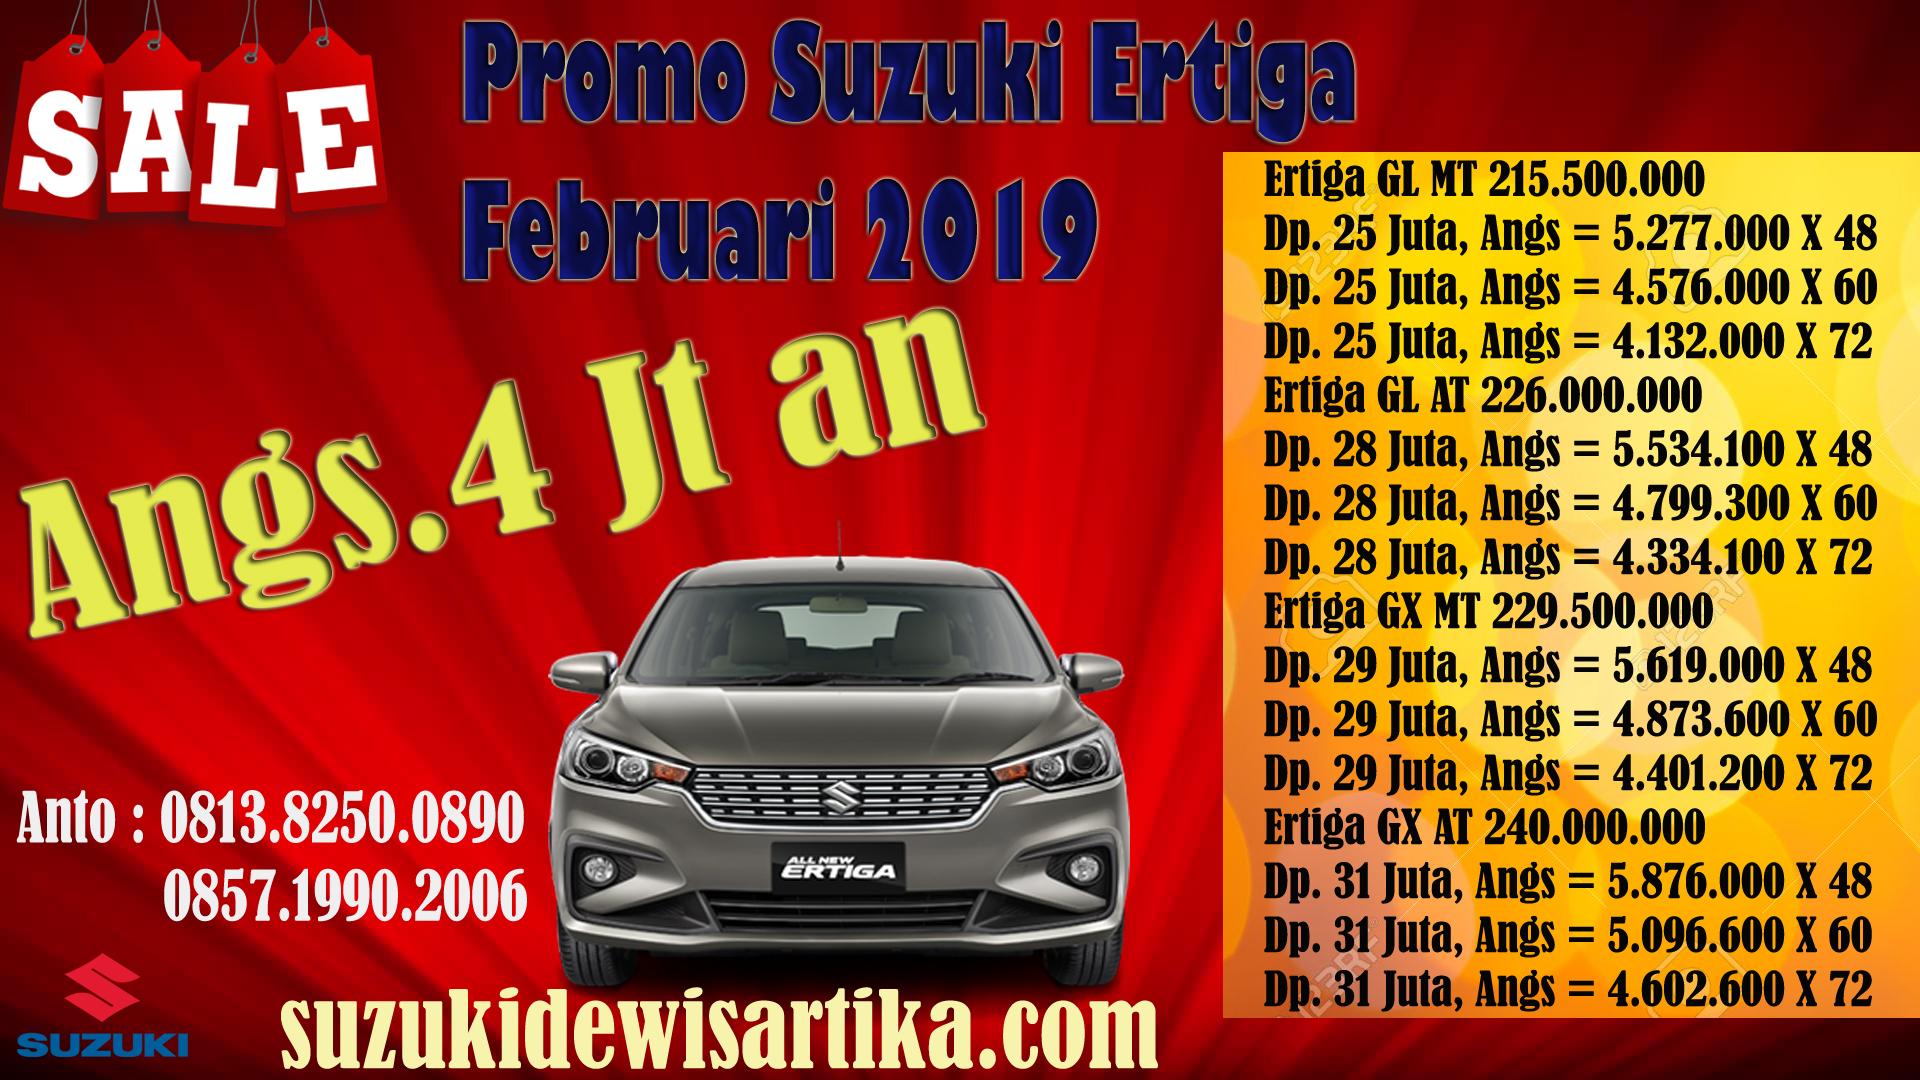 SUZUKI ERTIGA DP MURAH FEBRUARI 2019